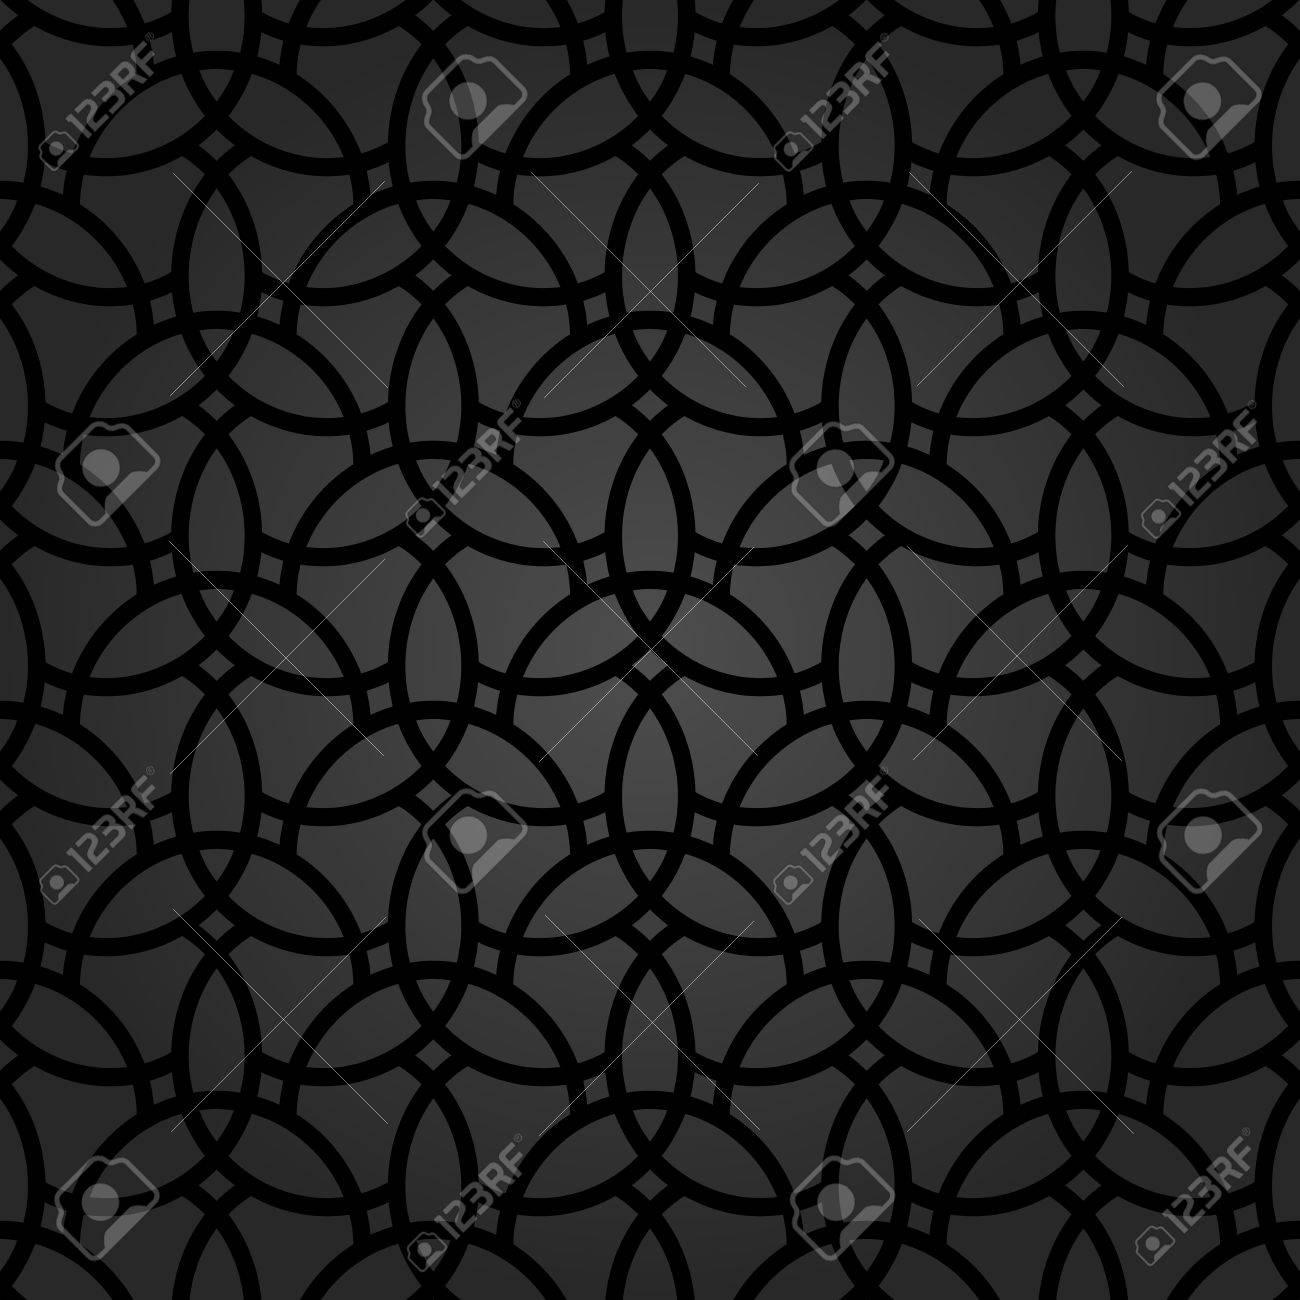 東洋の要素を持つ細かい幾何学模様 壁紙や背景のシームレスな細かい